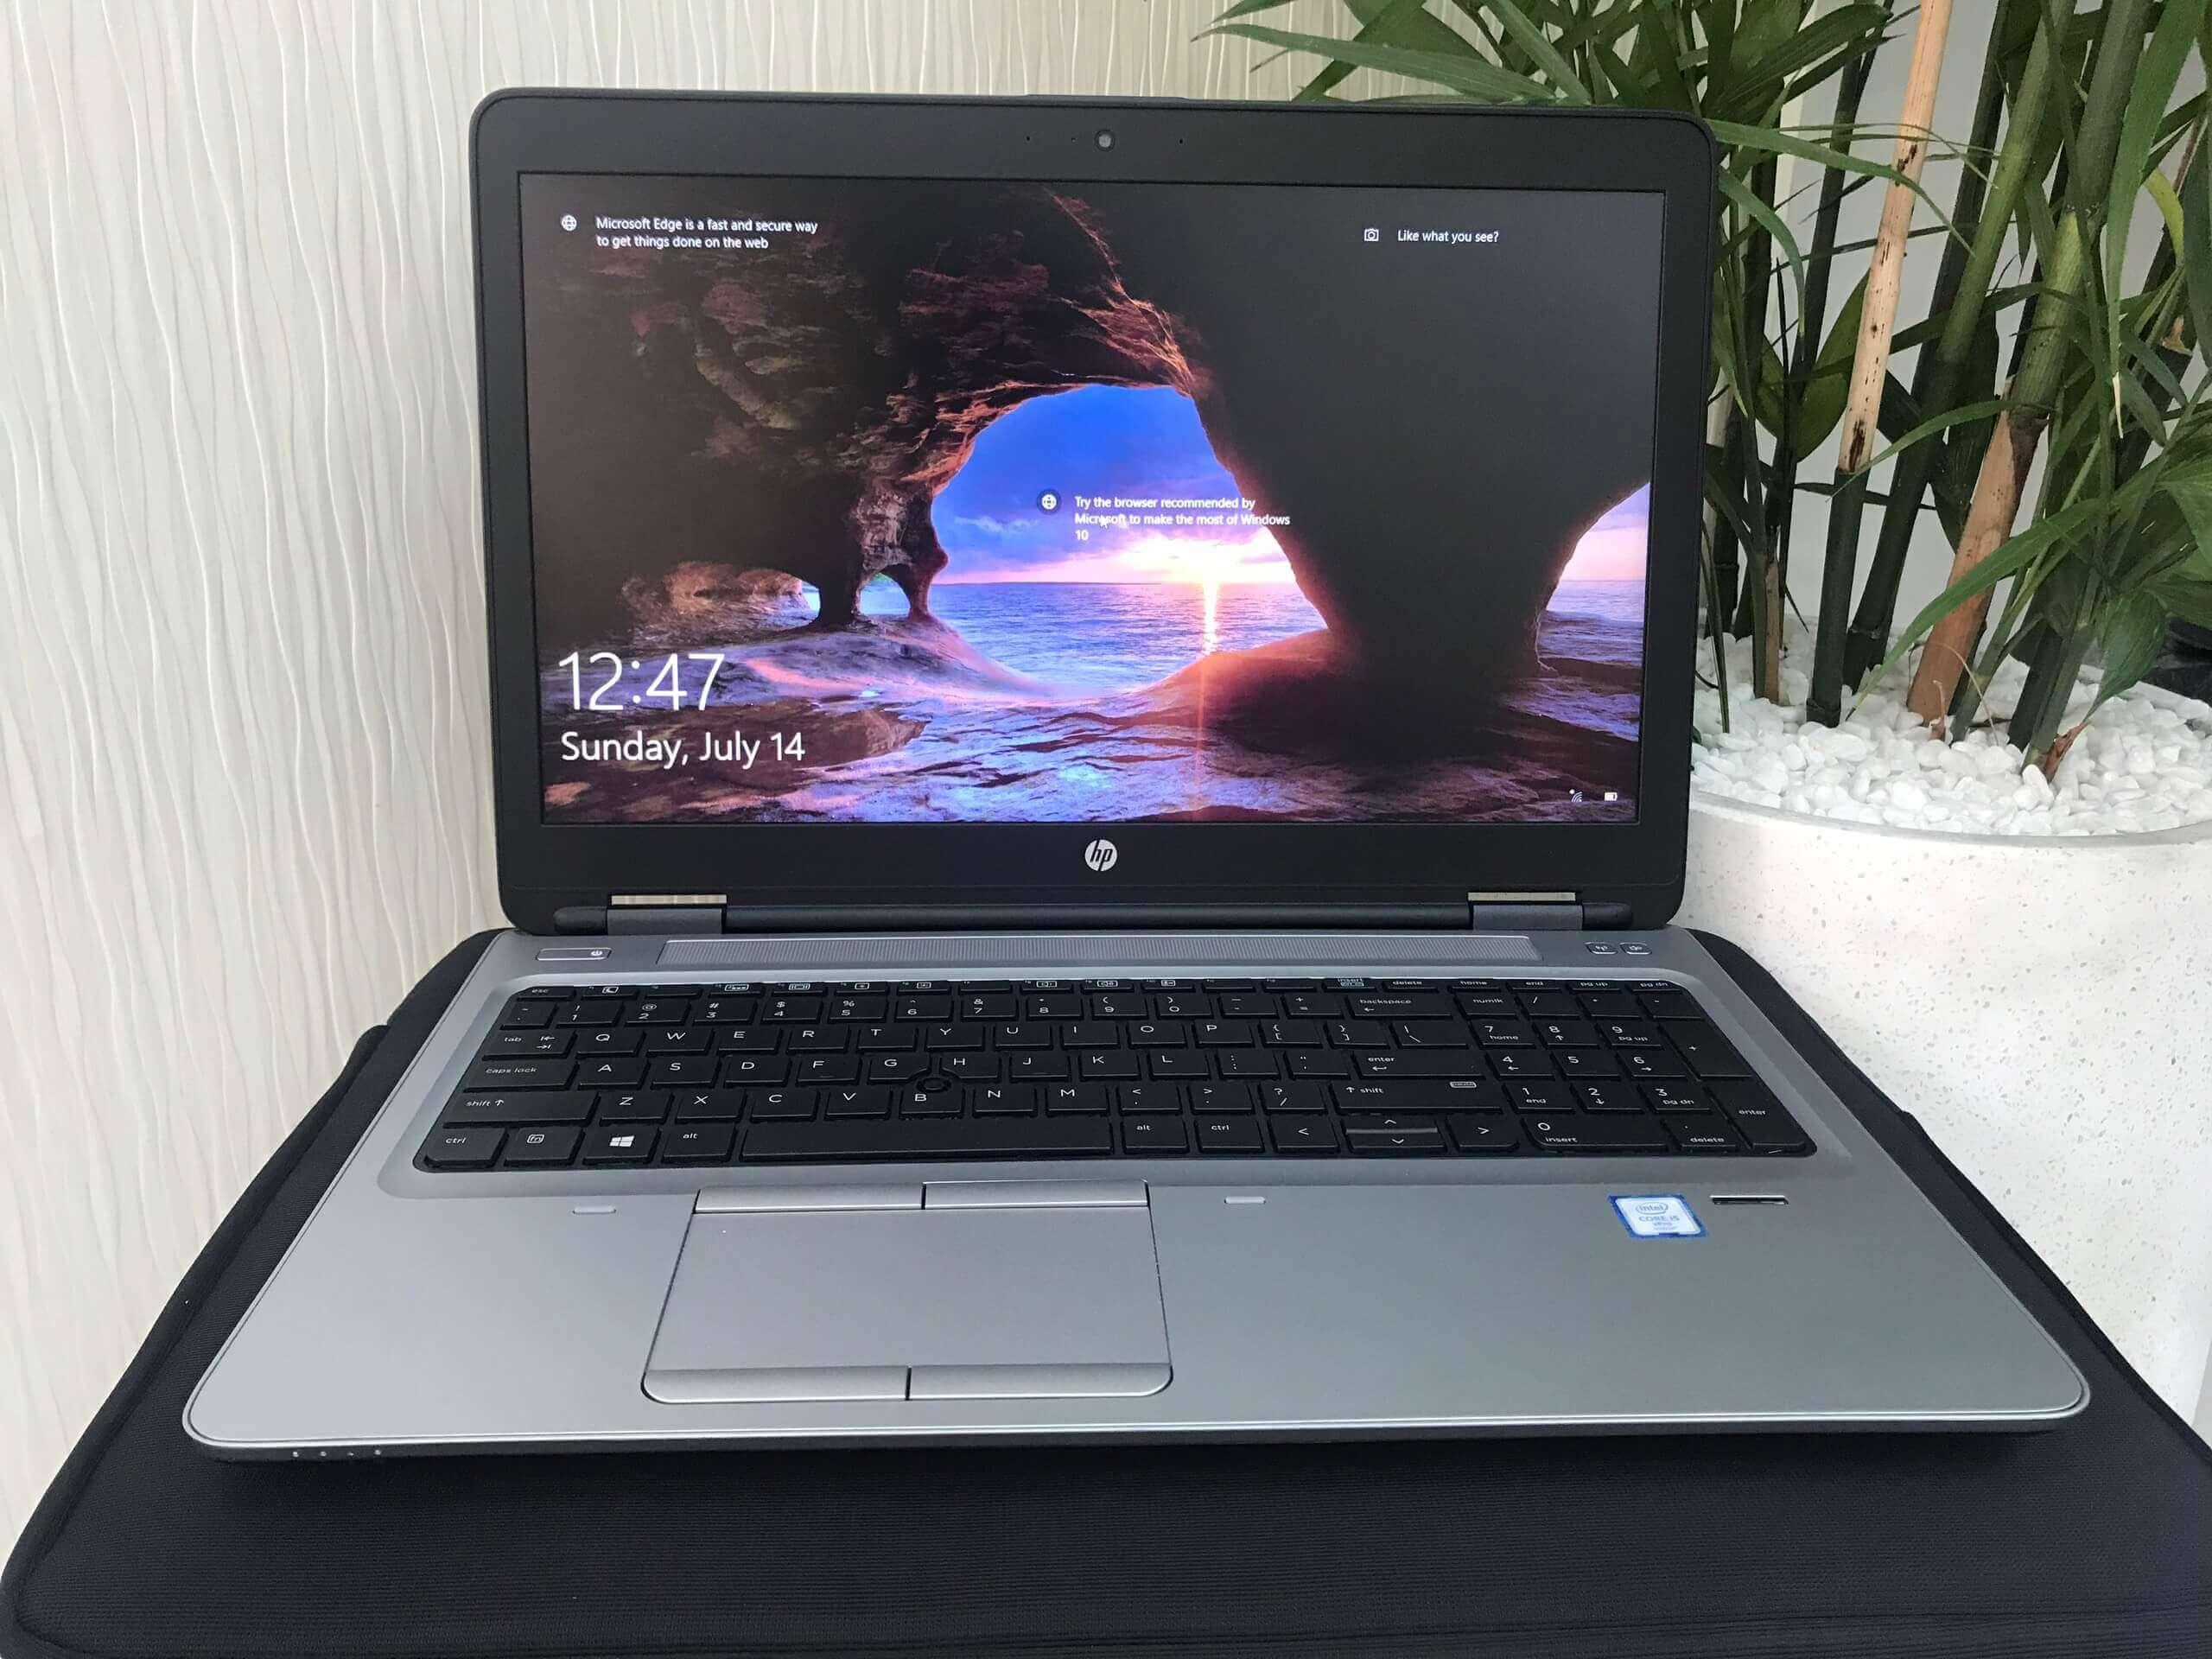 LAPTOP Probook 650 G2, Core i5-6300U, cũ hải phòng